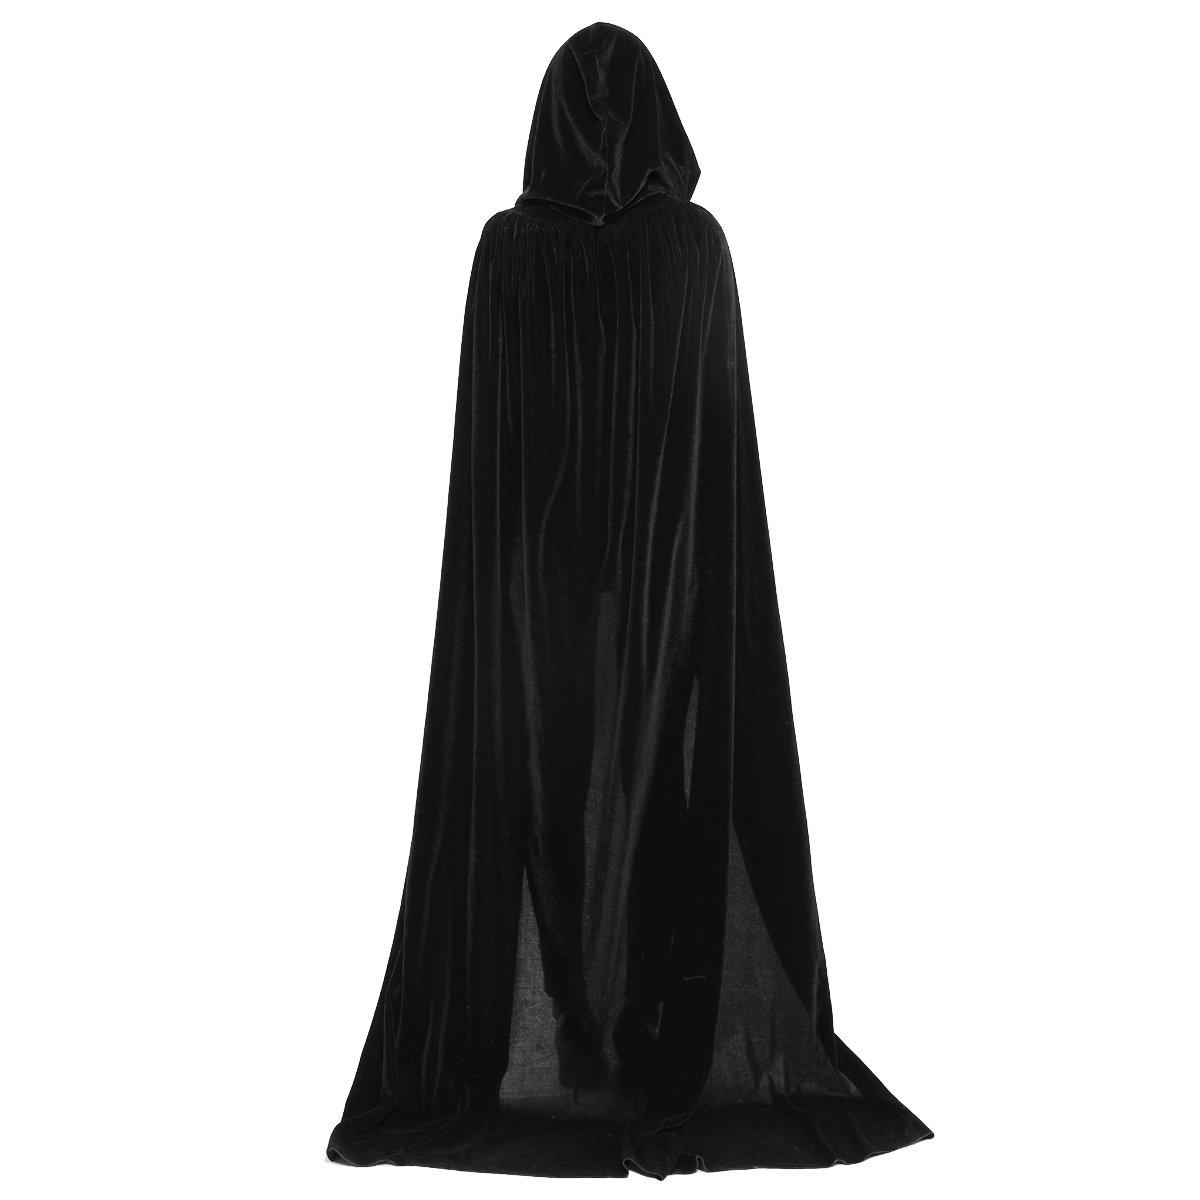 Amazon.com: WESTLINK Capa con capucha disfraz Capa de ...